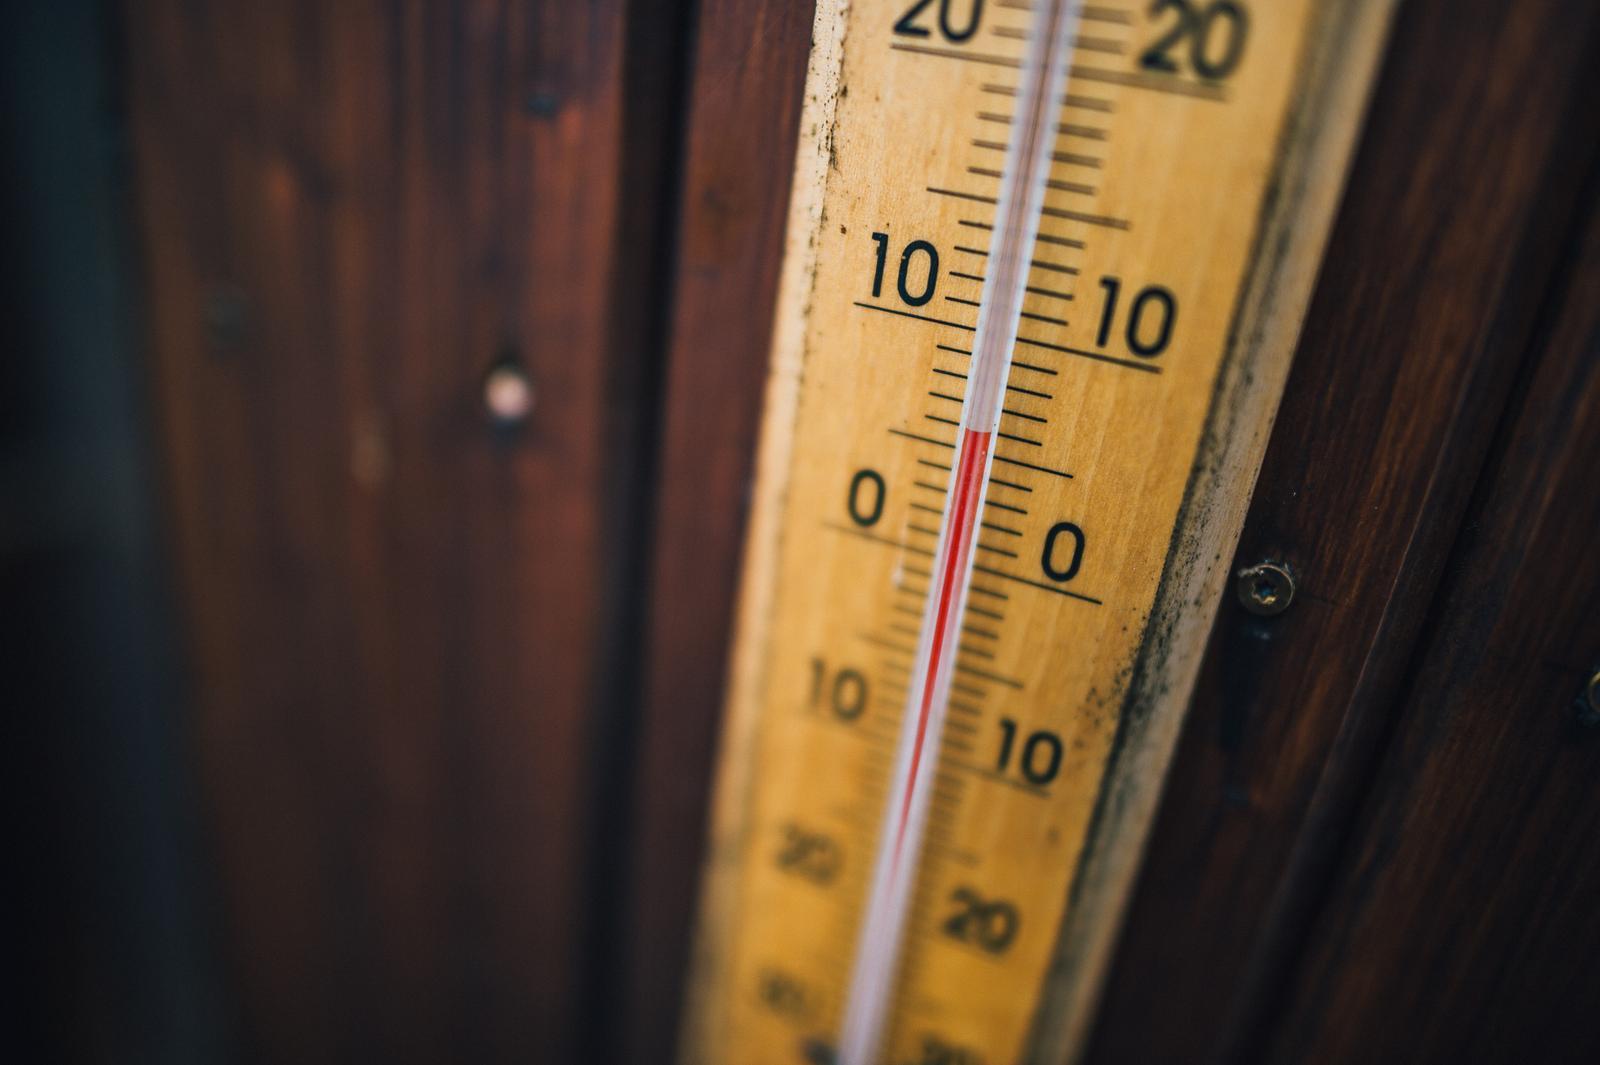 Ivona{{_AND_}}Pavel - Teplota v sobotu ráno!! Ukázat mi to někdo dříve, tak nevím, nevím ...